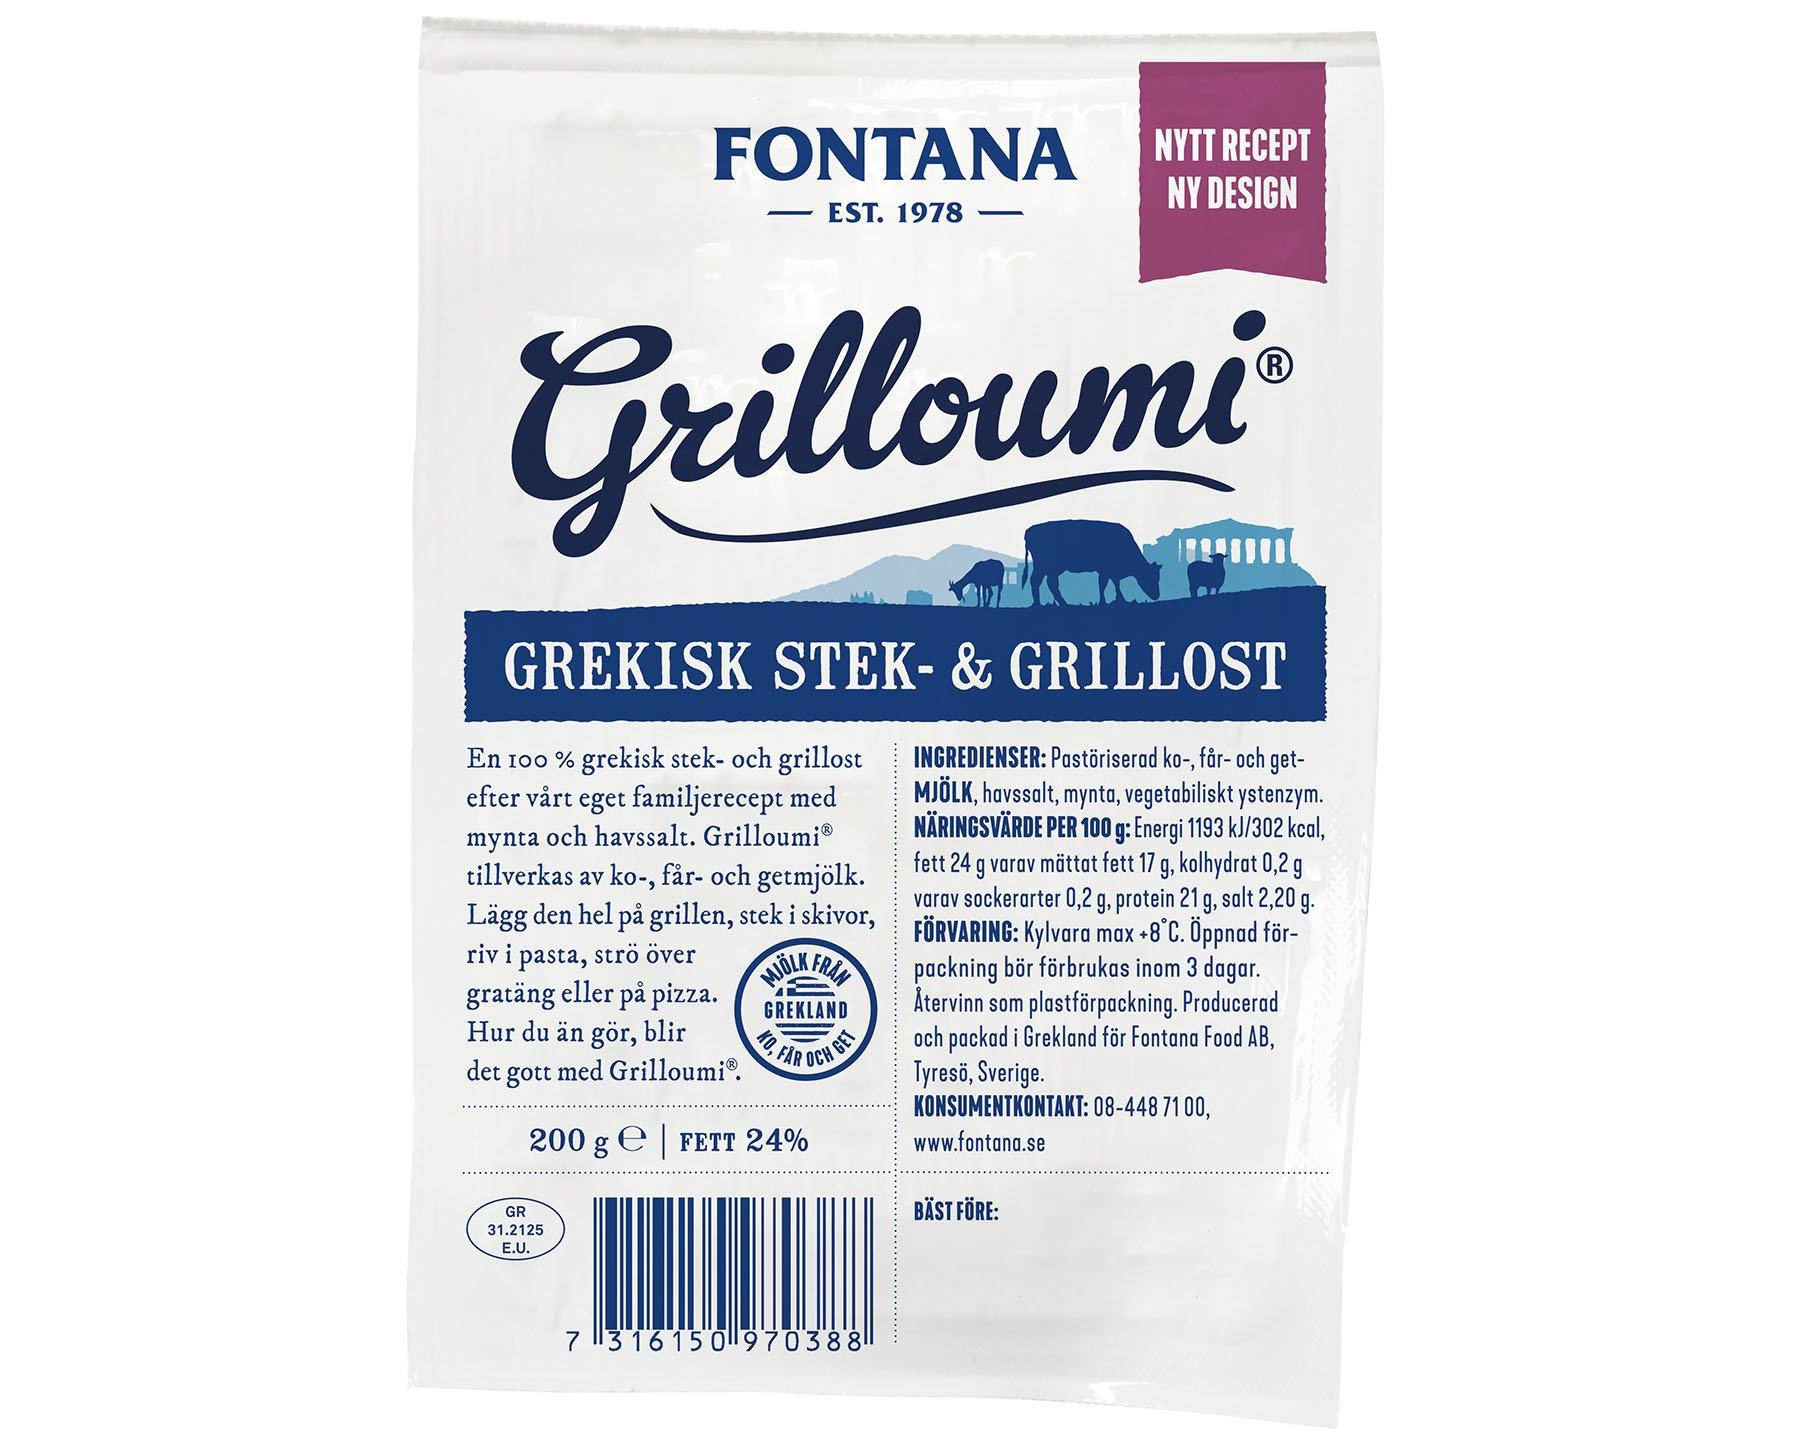 97038 Grilloumi Grekisk Stek-och Grillost 200 g